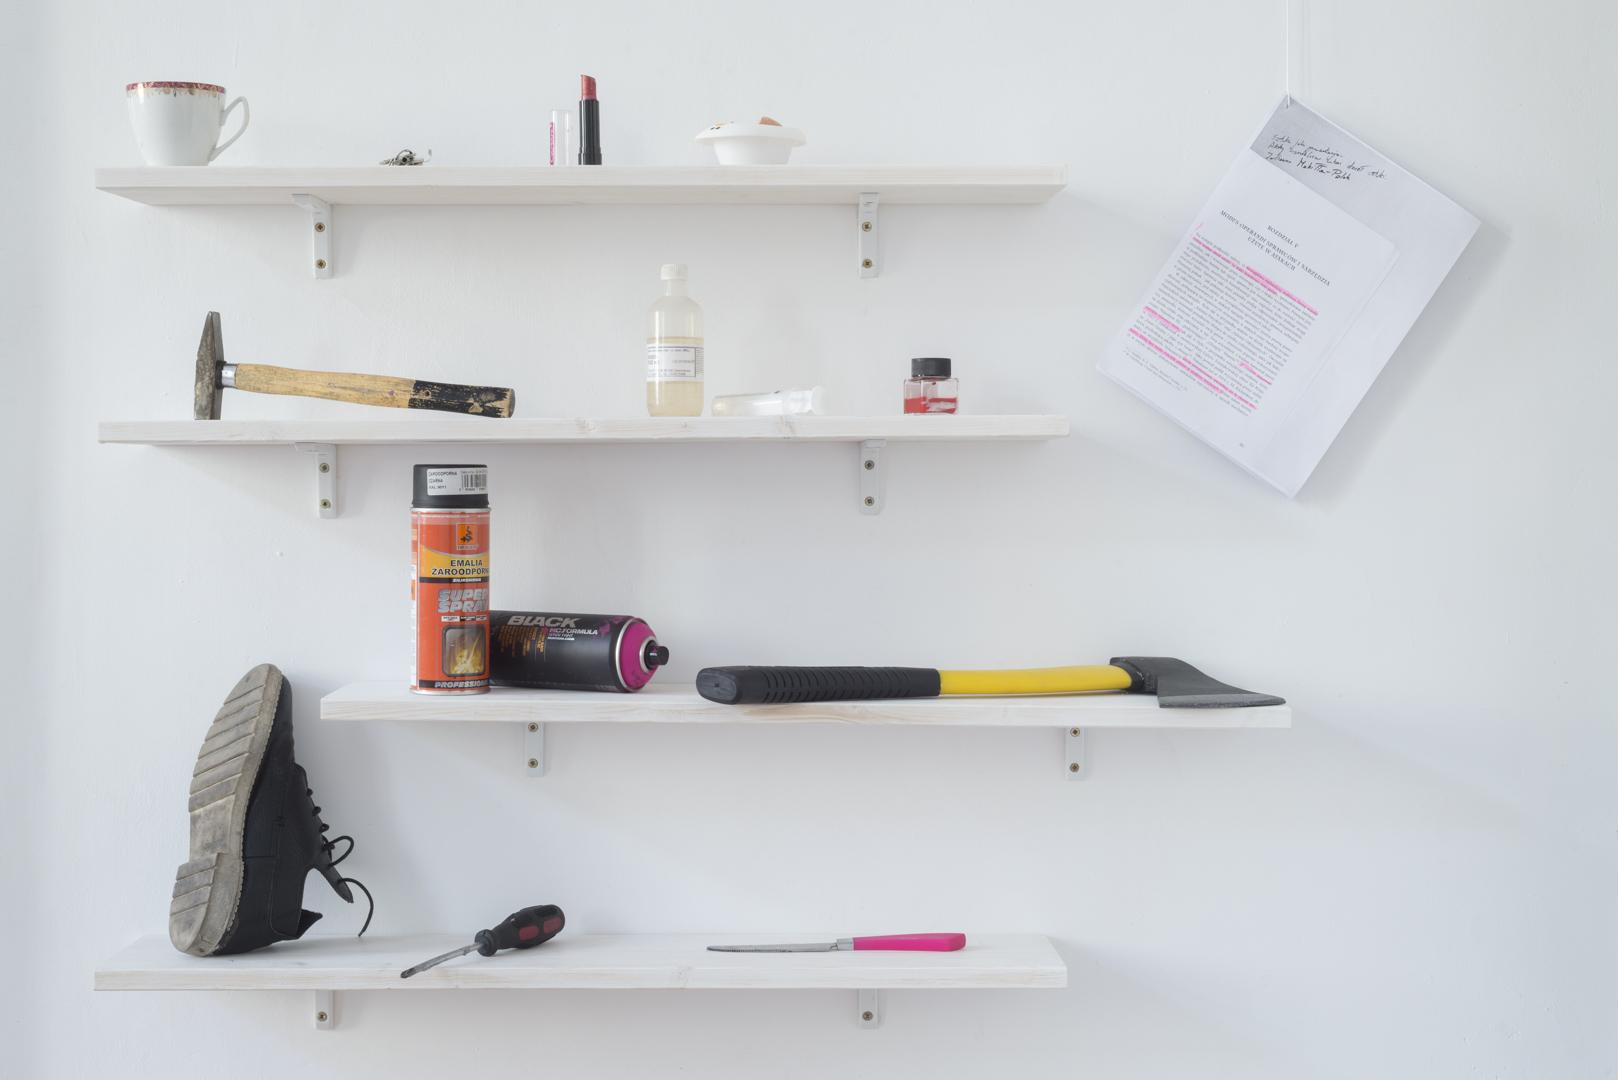 Narzędzia, 2016, przedmioty siekiera, atrament, nożyczki dopaznokci, kwas siarkowy, szminka, jajko, sprej, nóż, śrubokręt, klucze, but, młotek